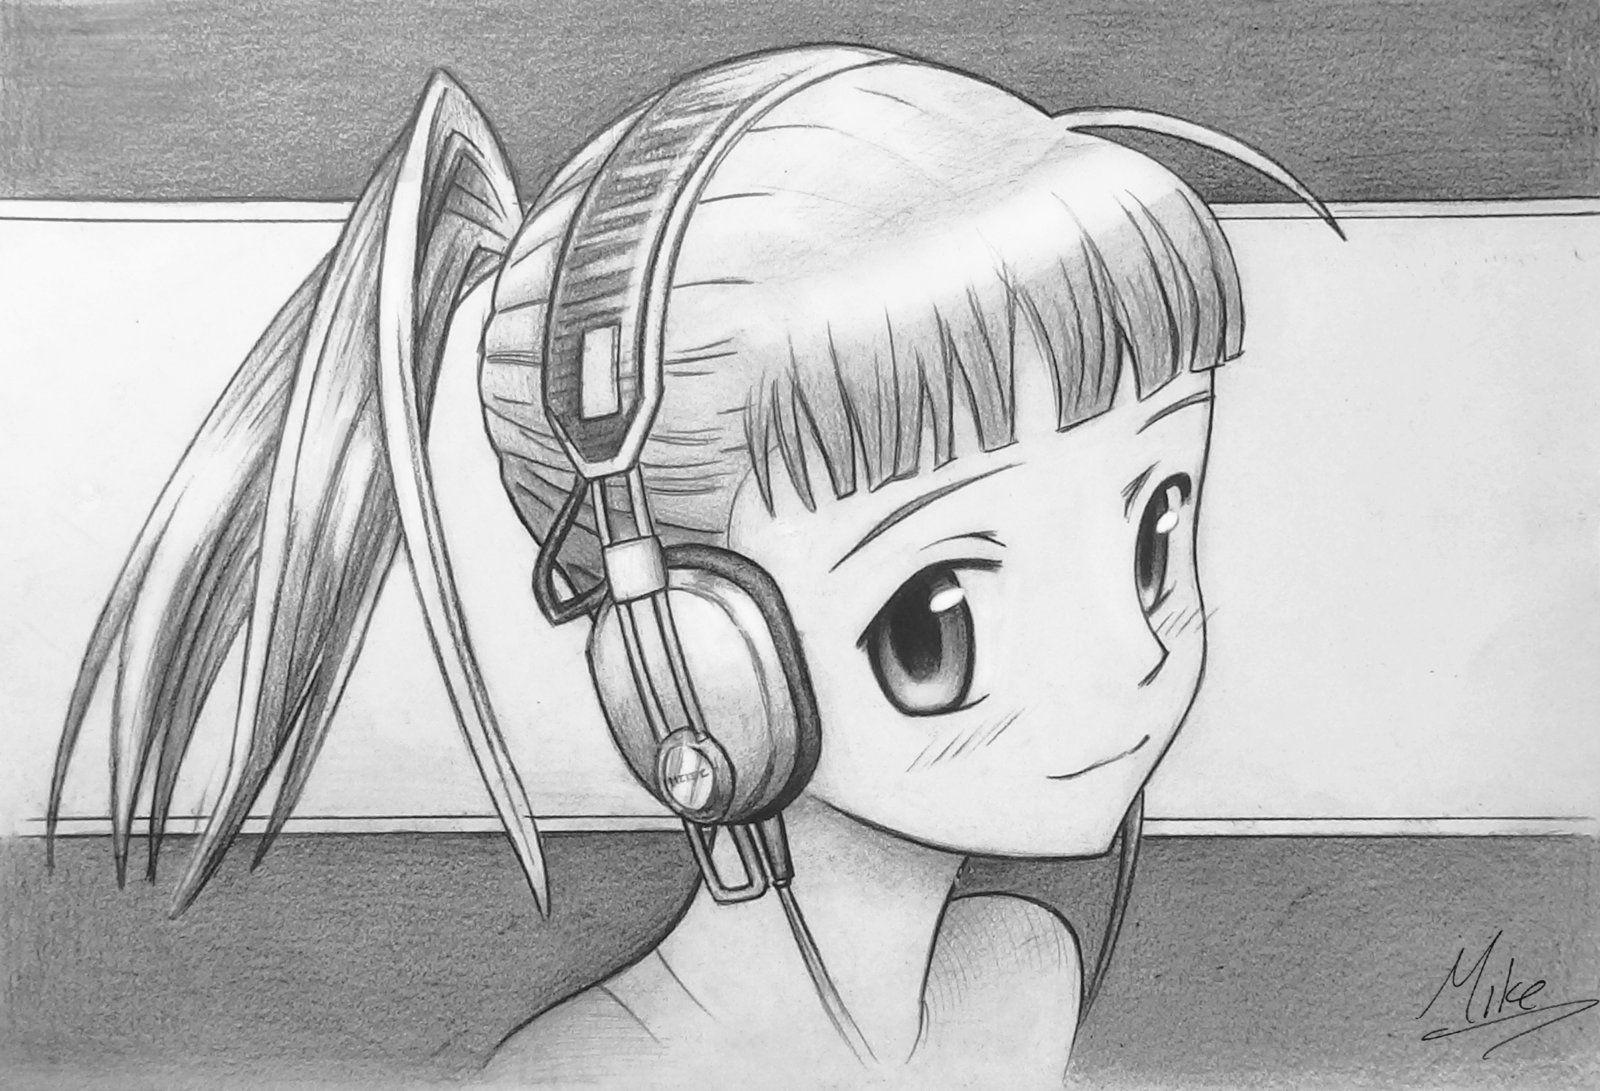 Картинки аниме девушки в наушниках для срисовки